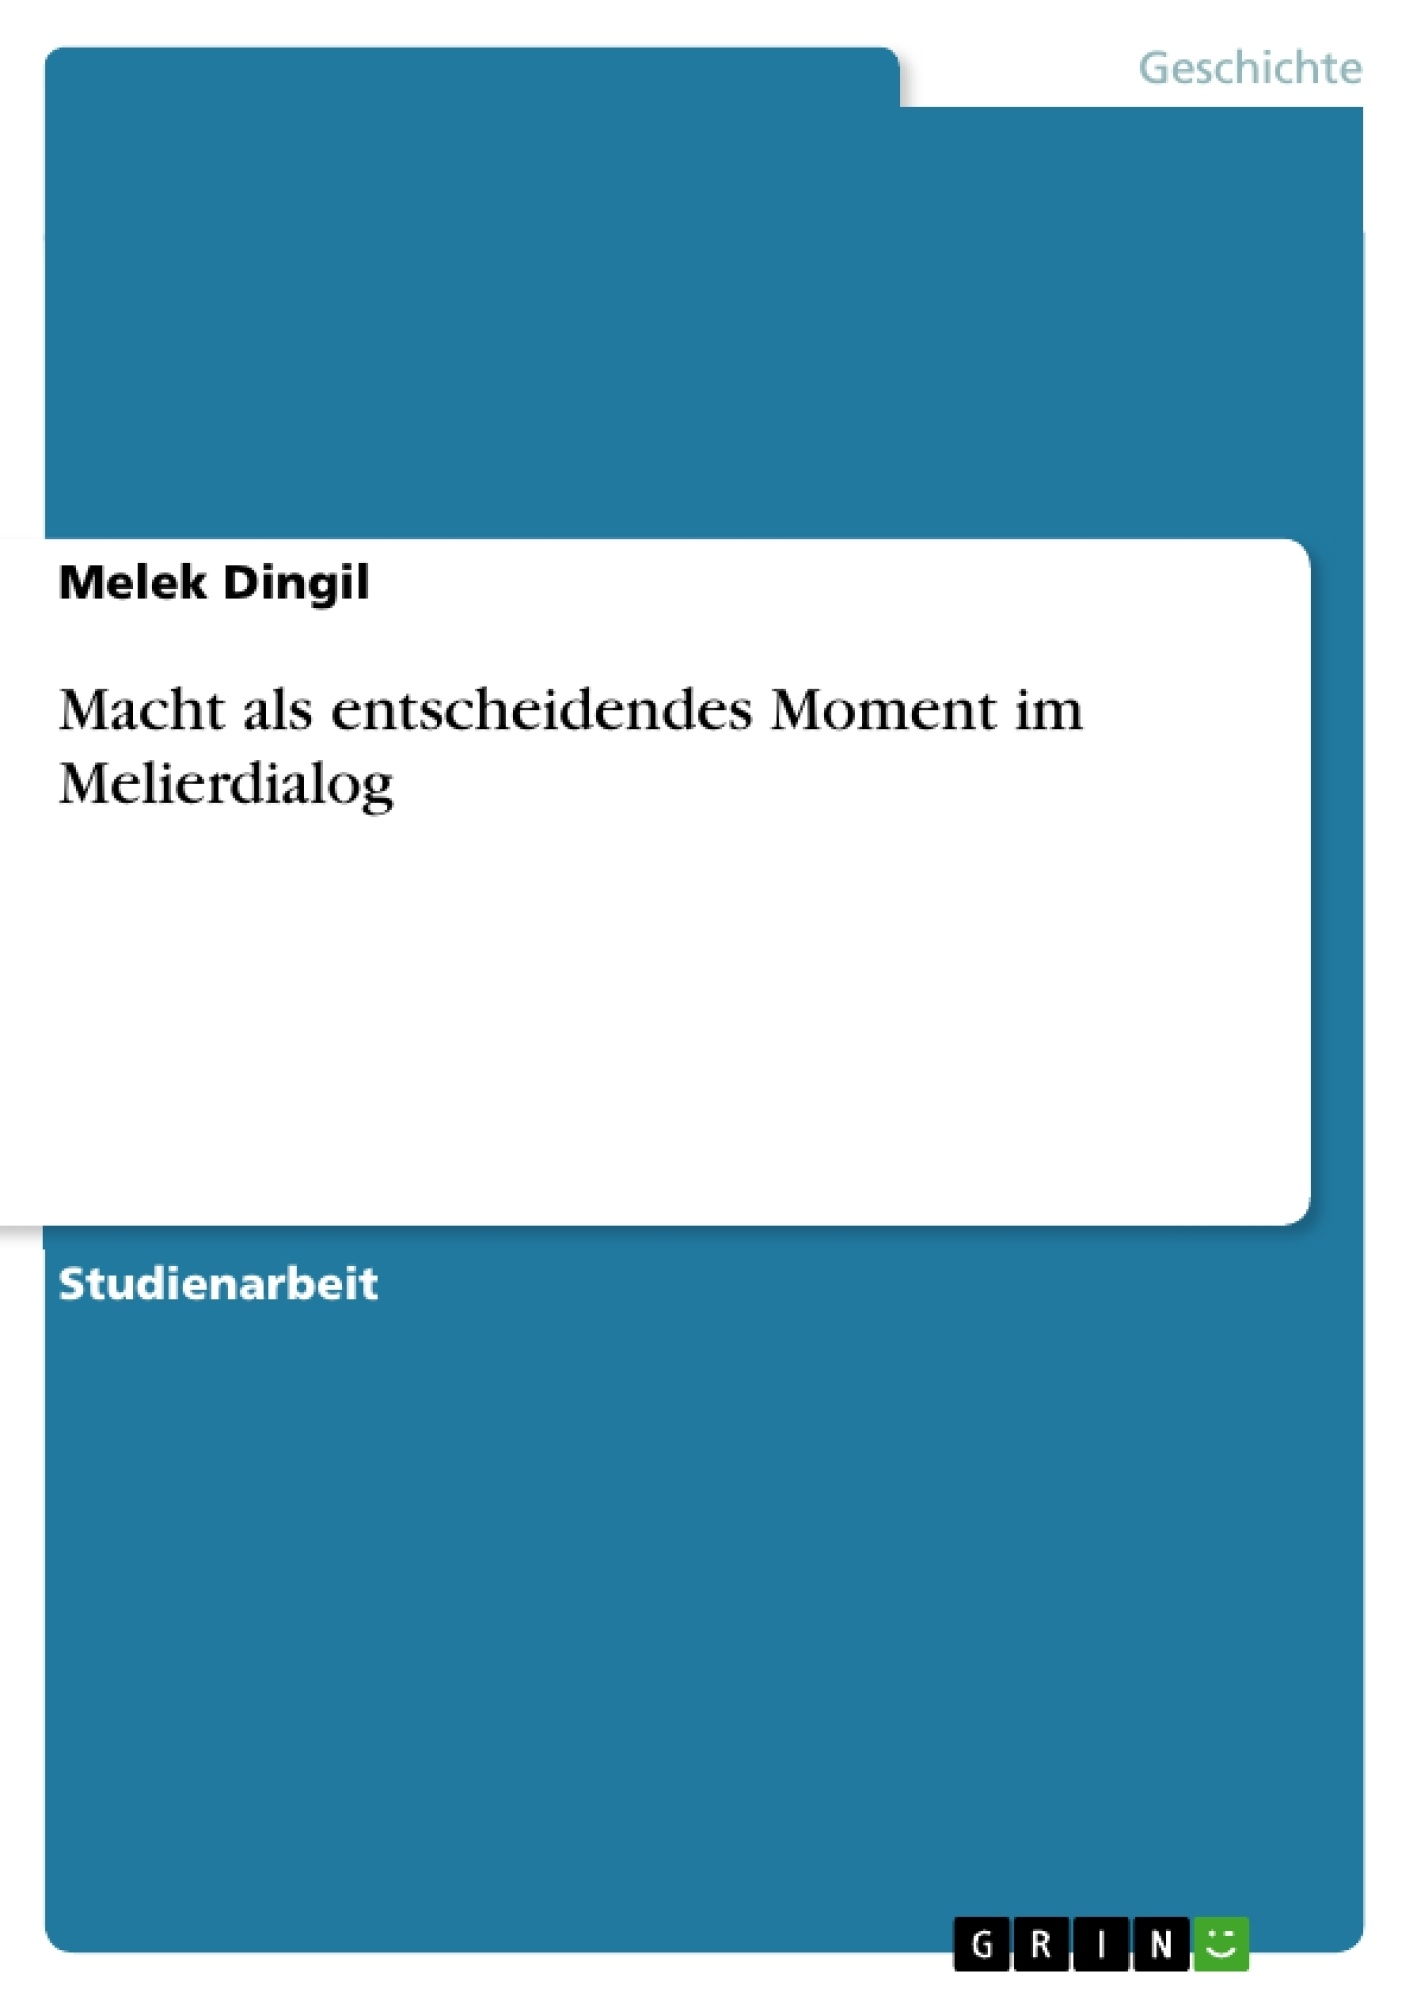 Titel: Macht als entscheidendes Moment im Melierdialog